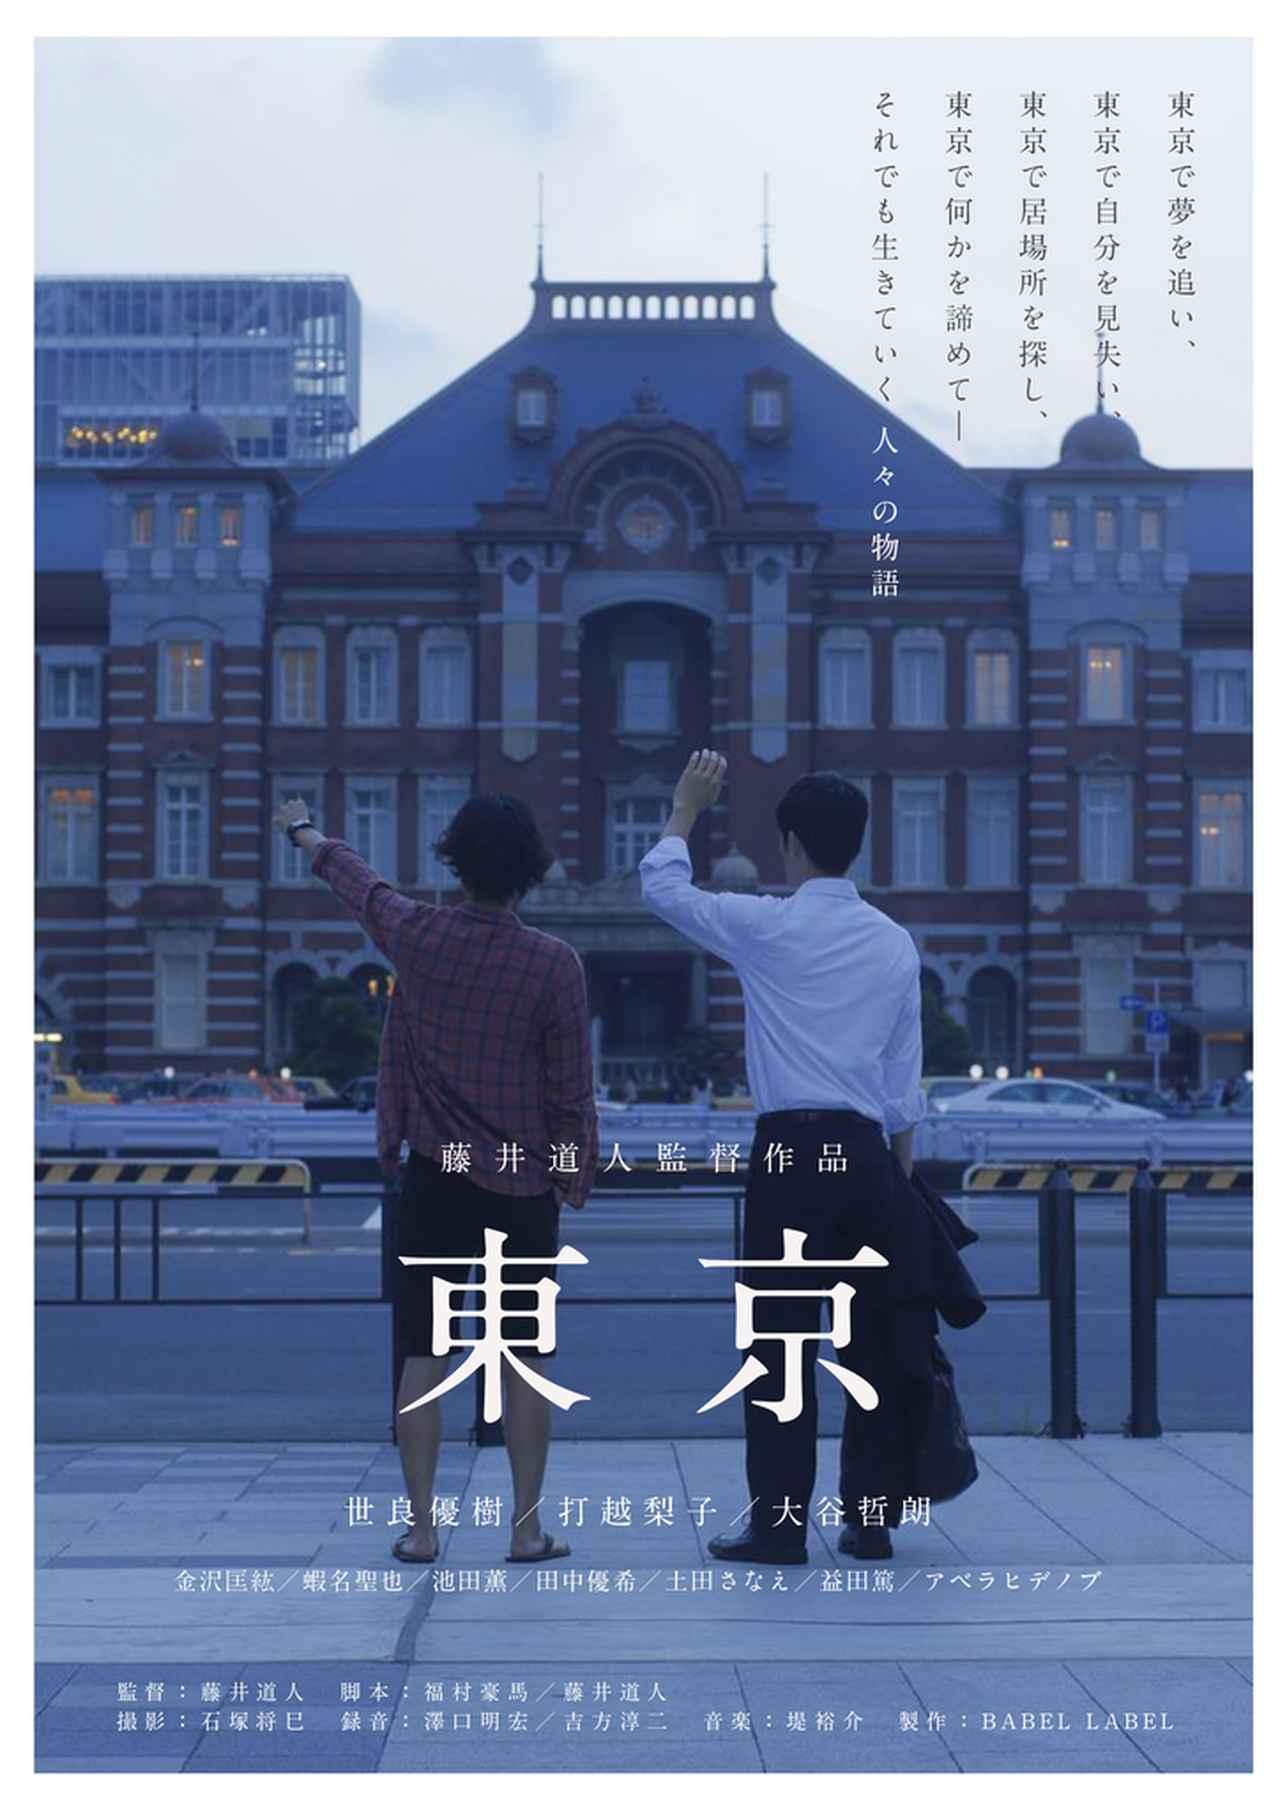 画像1: 『東京』(2013年・44分)初配信